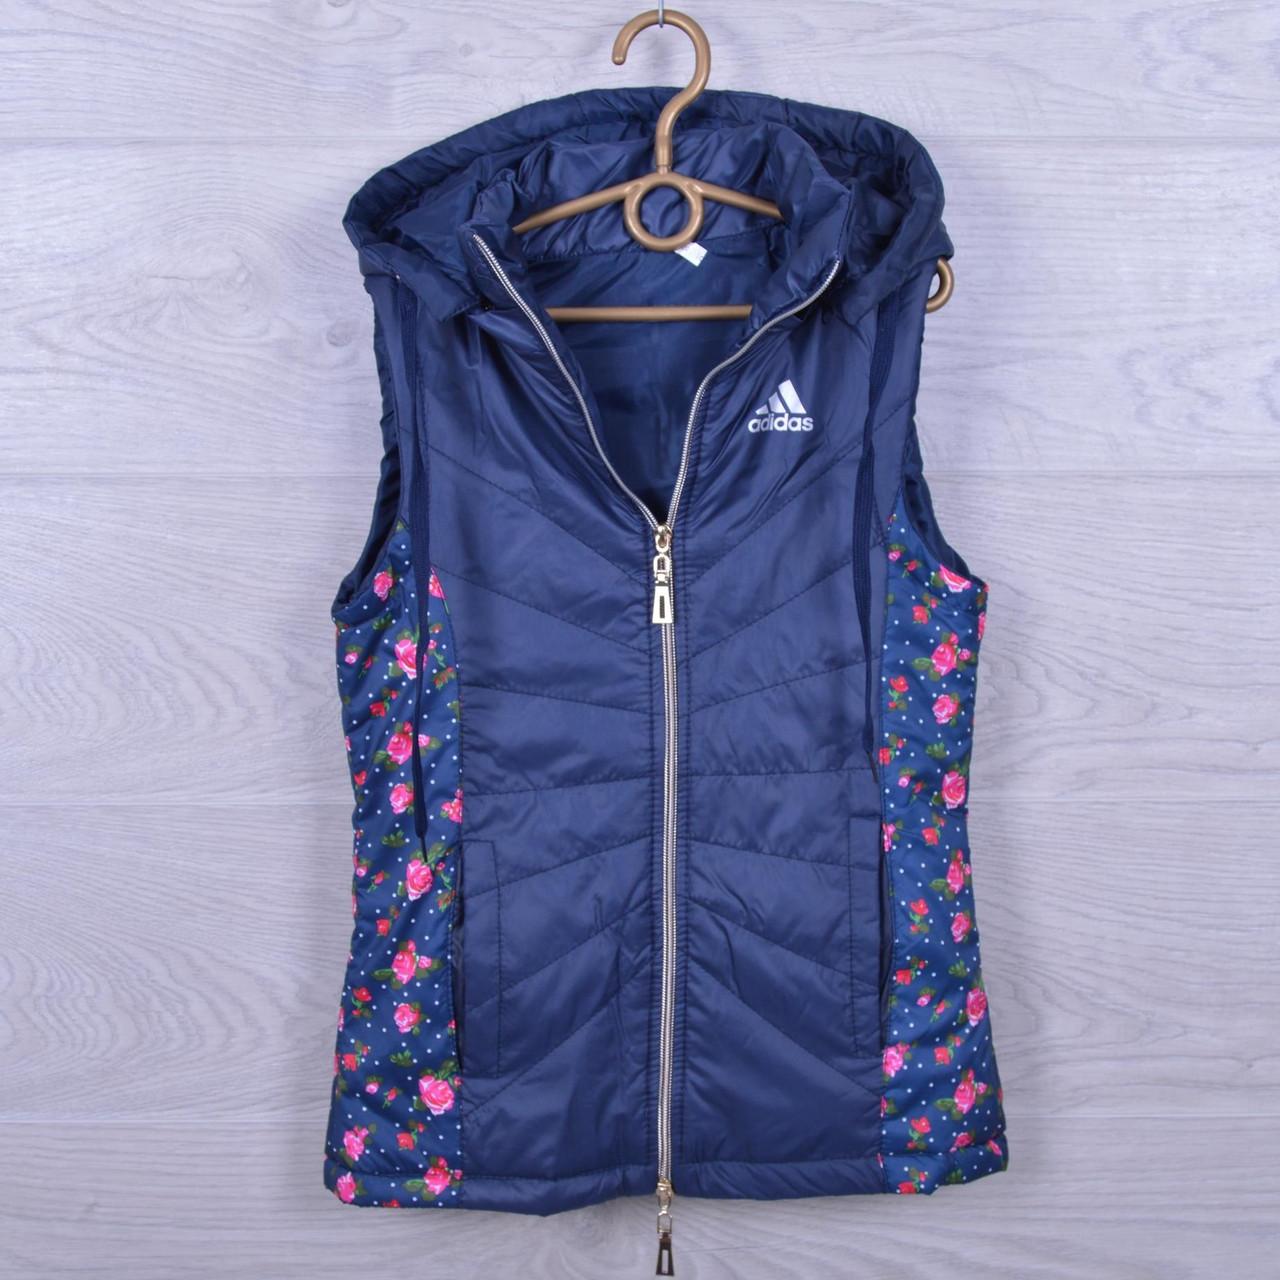 """Подростковая демисезонная жилетка """"Adidas реплика"""" для девочек. 10-15 лет. Темно-синяя. Оптом., фото 1"""